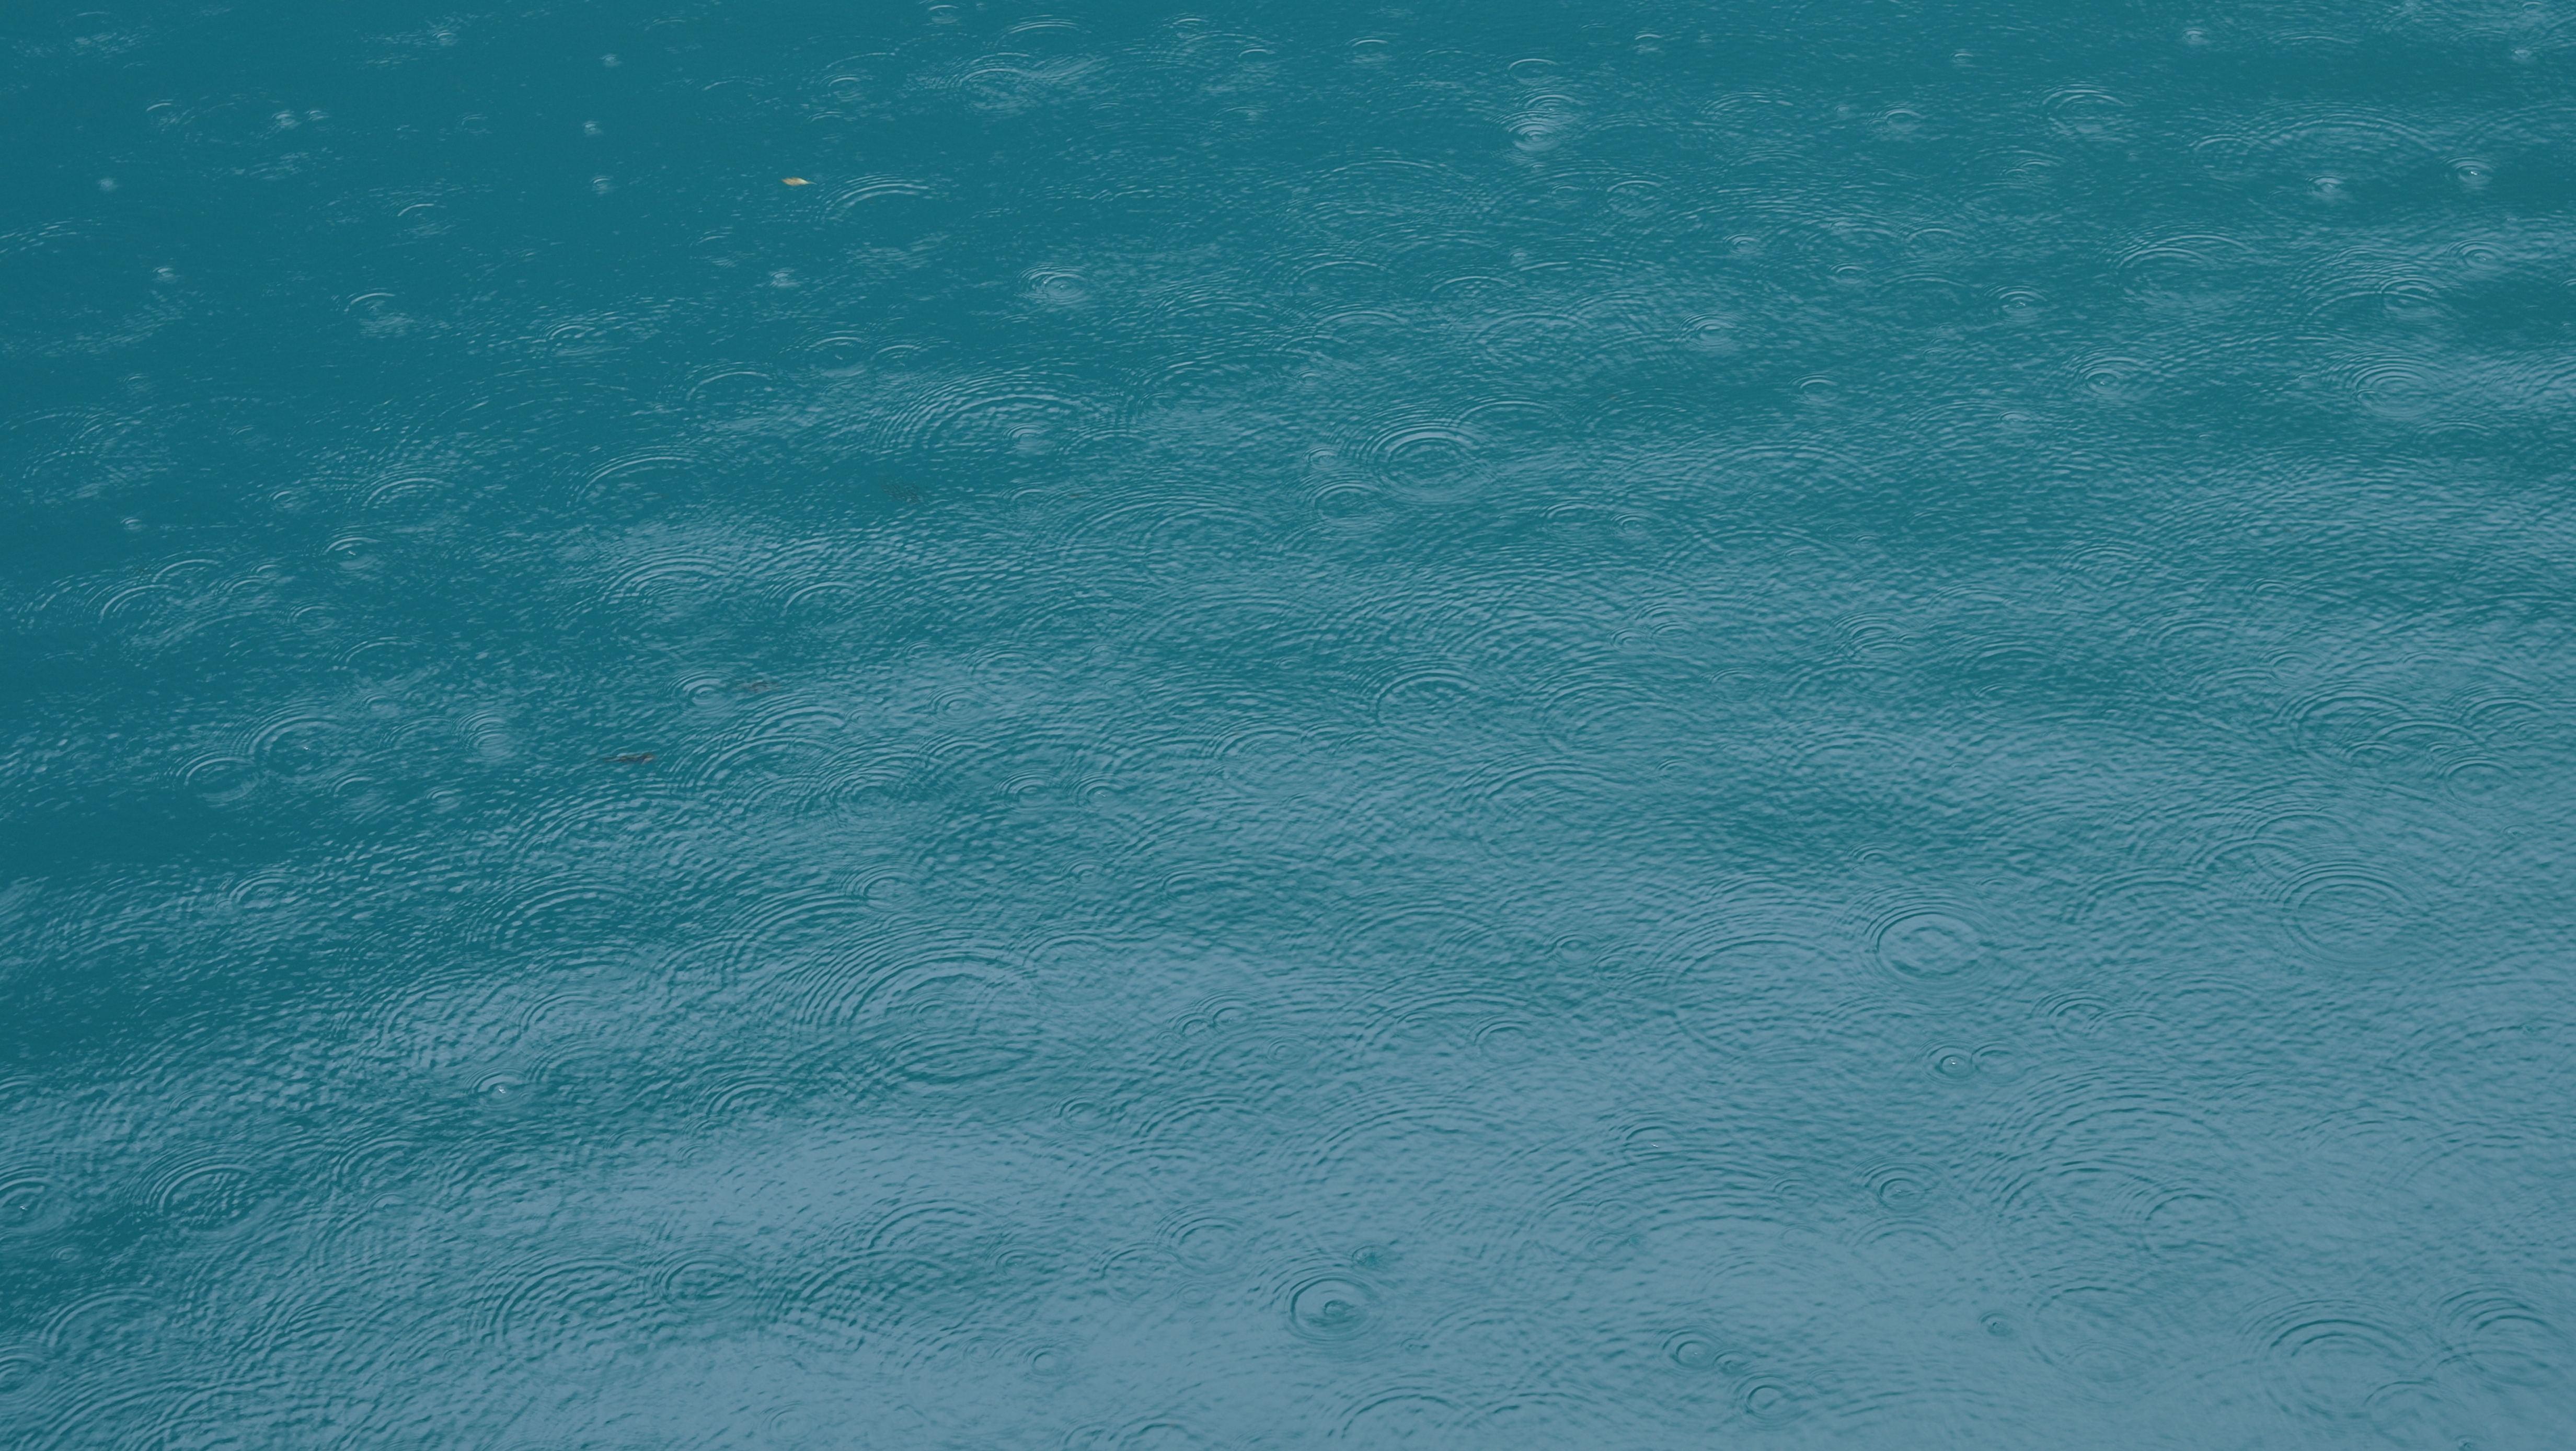 关于雨的文章欣赏:再也无你,再不喜雨